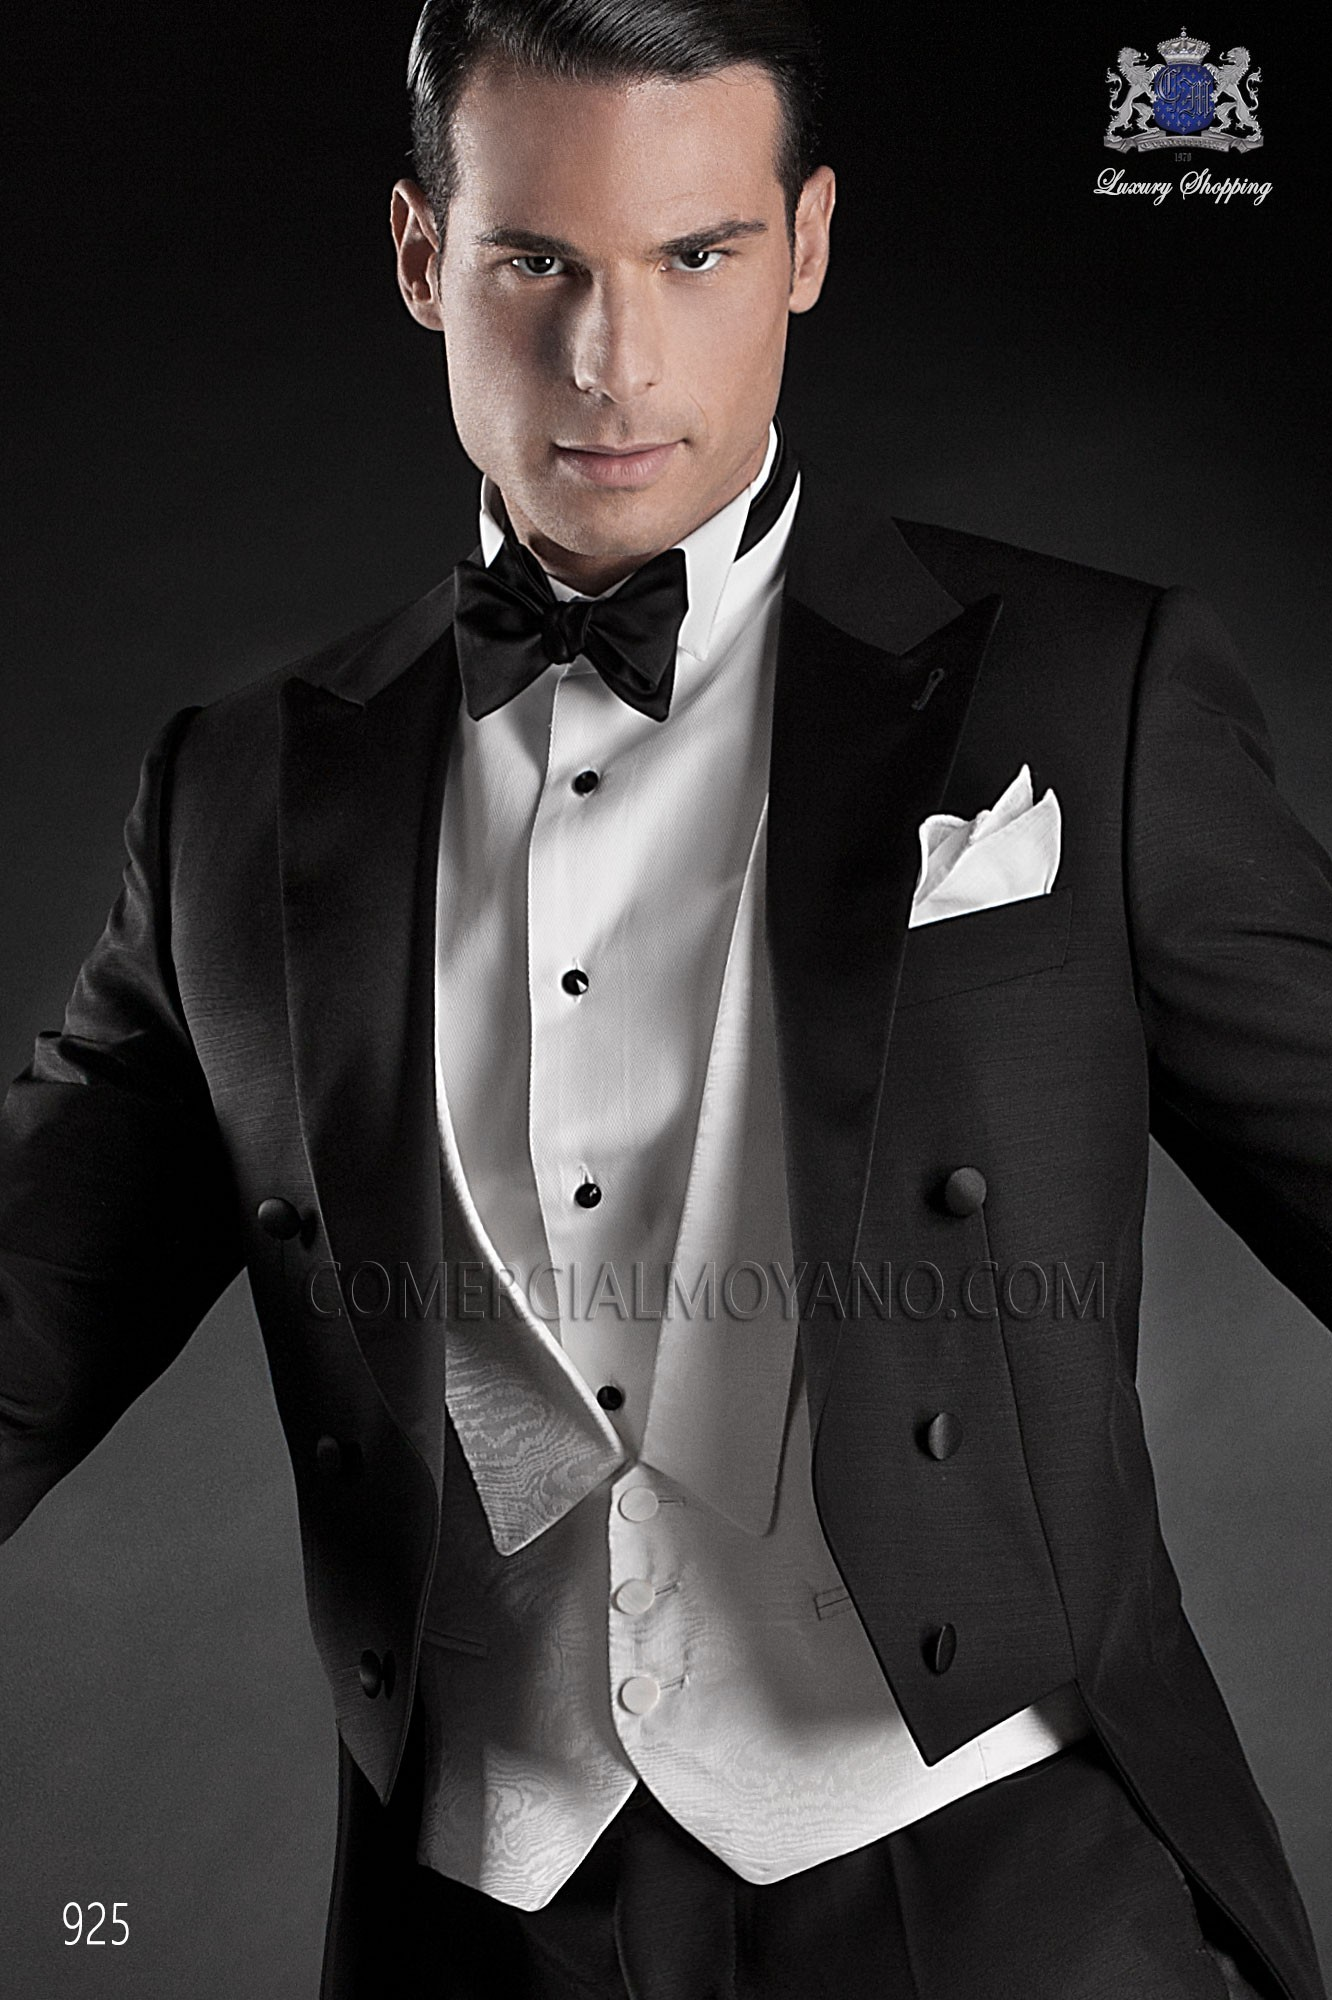 Italian blacktie black men wedding suit, model: 925 Ottavio Nuccio Gala Black Tie Collection